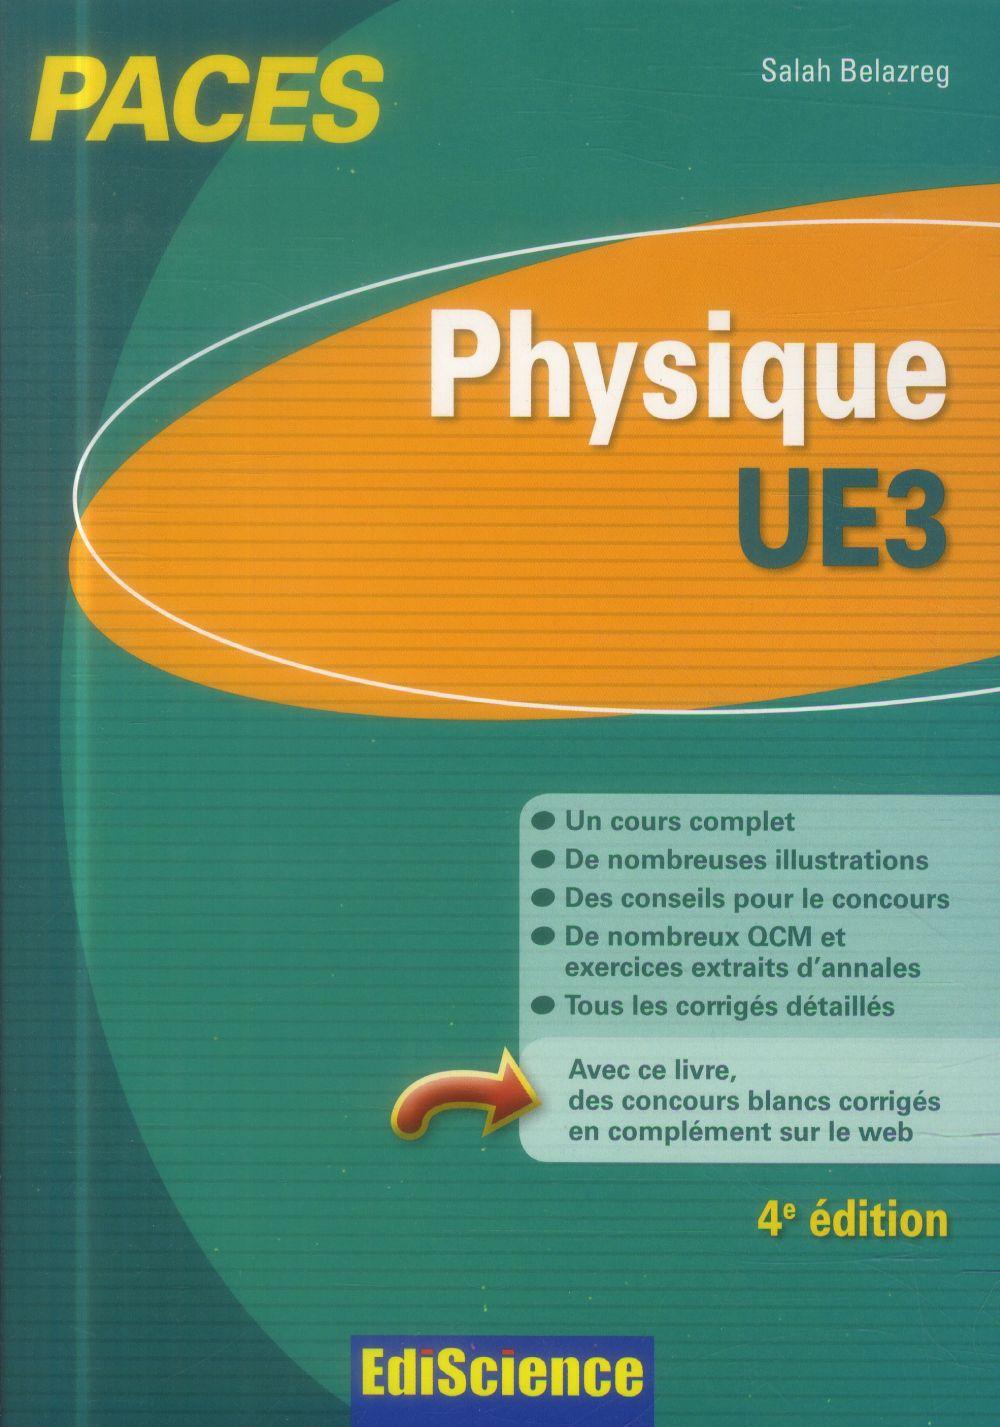 Salah Belazreg Physique-UE3 PACES - 4e éd.